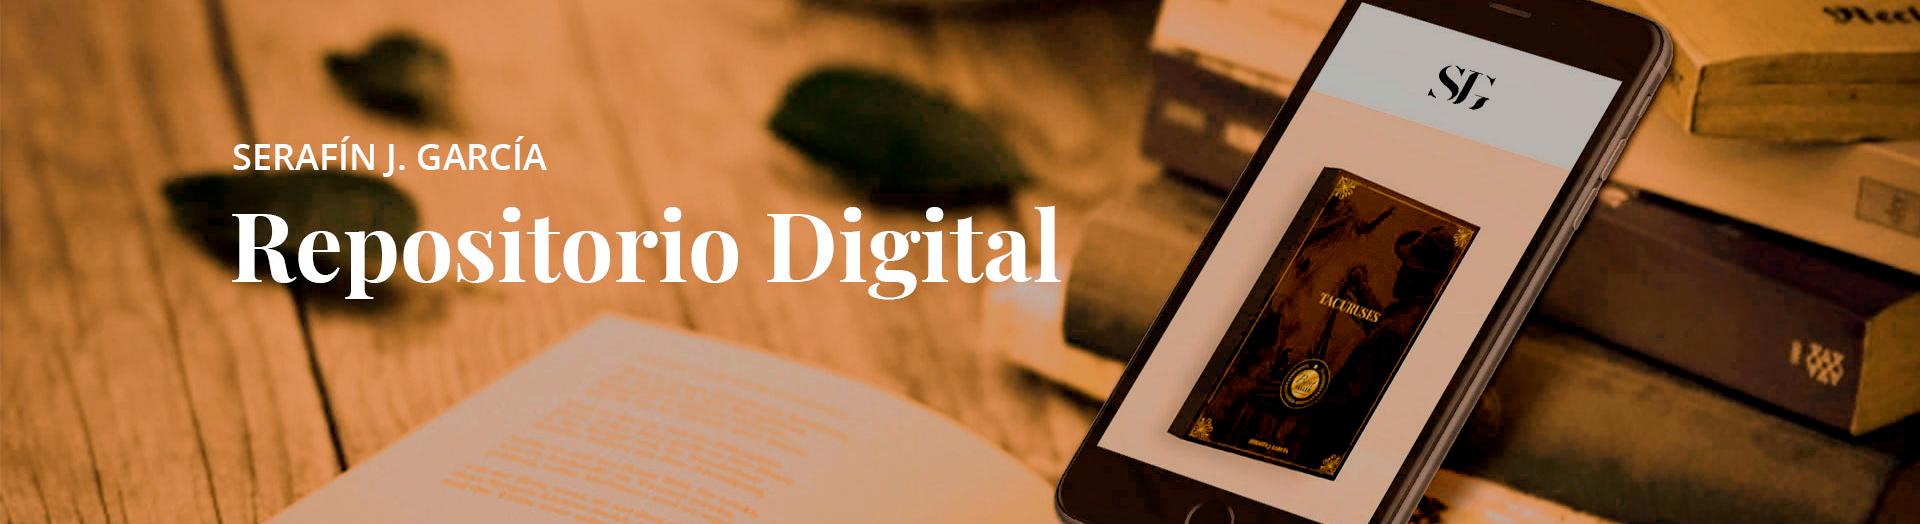 Serafín J García: regreso digital con espíritu analógico